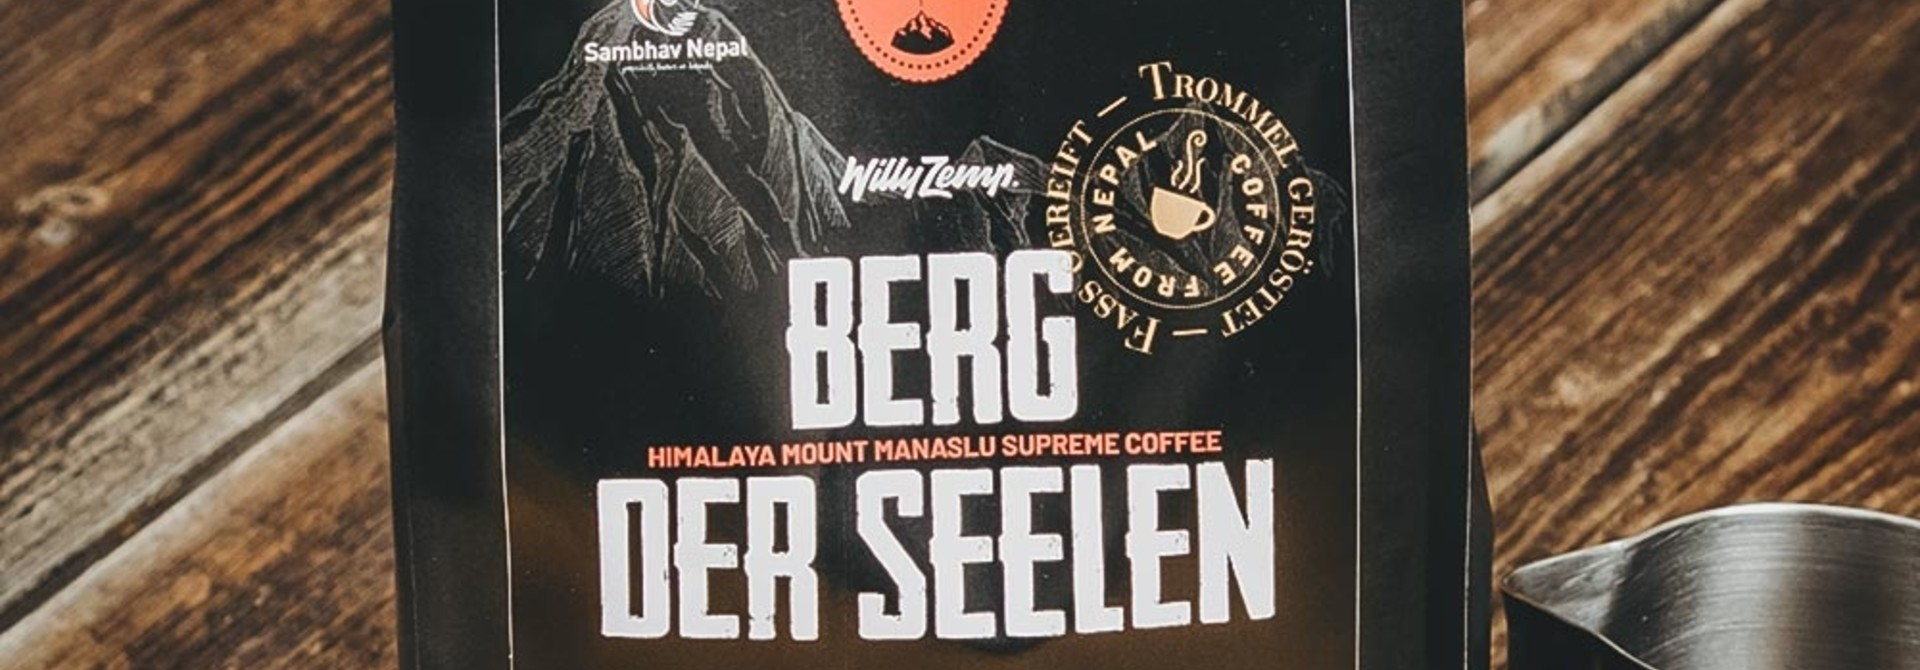 Berg der Seelen - Espresso Nepal